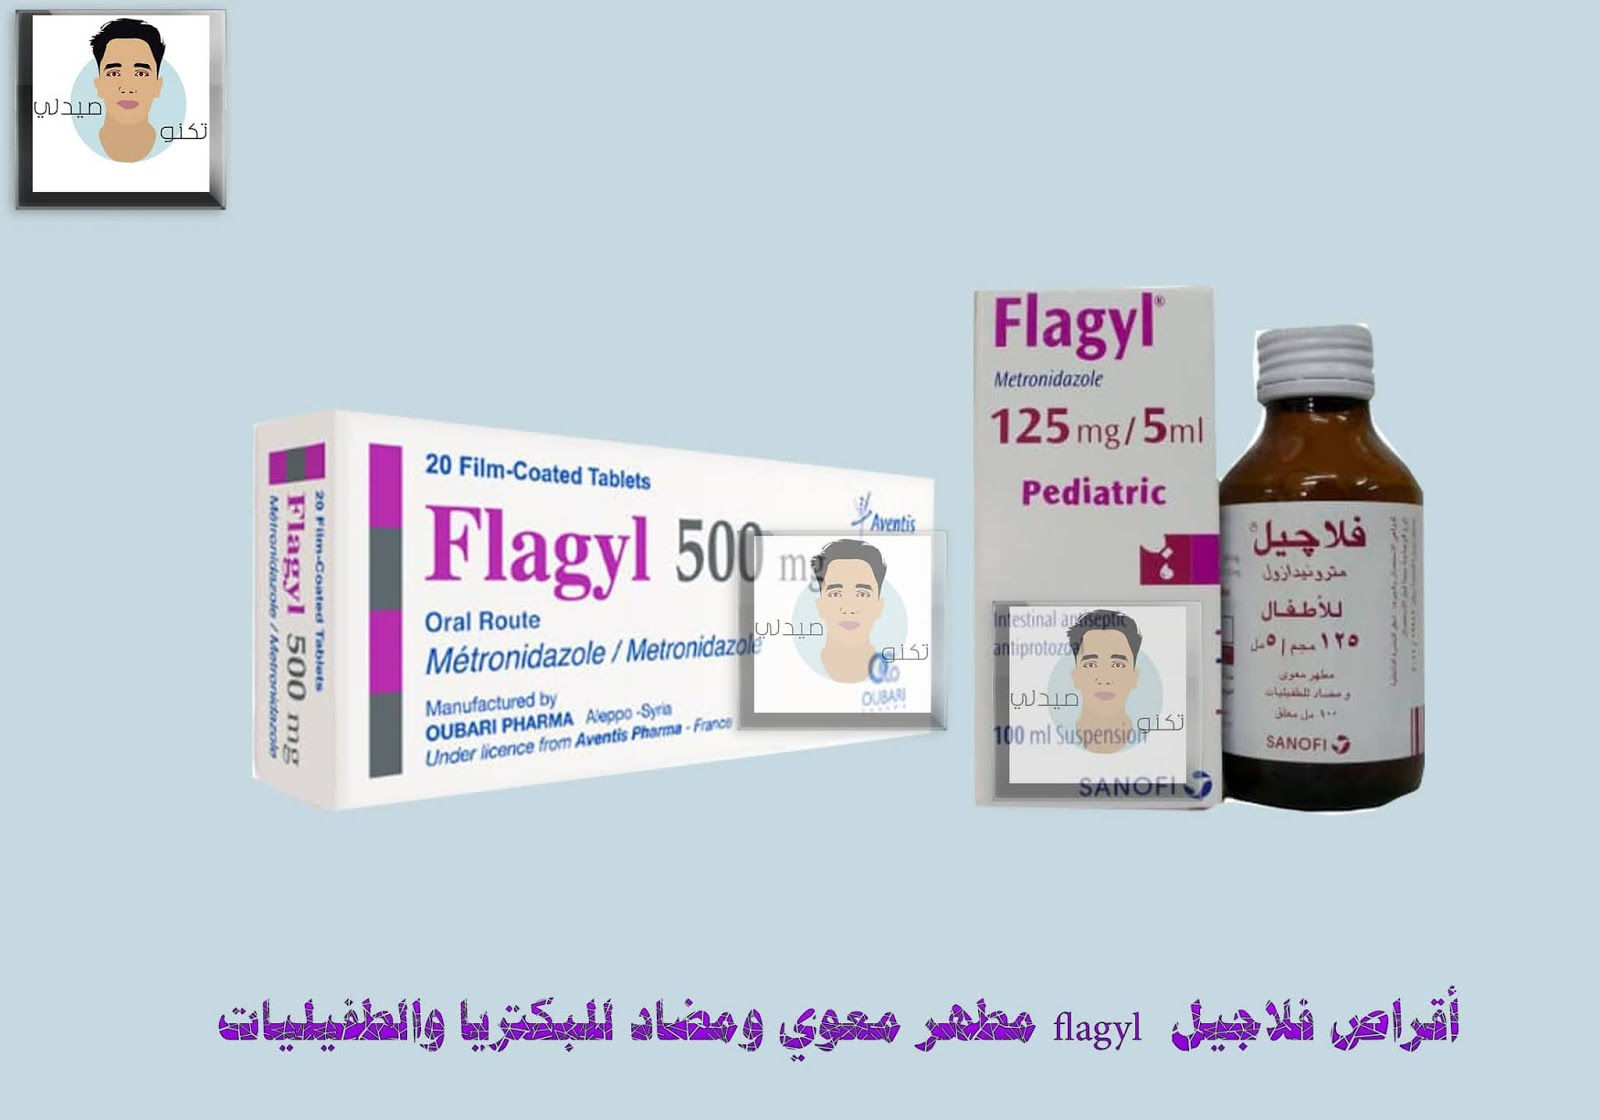 أقراص فلاجيل flagyl مطهر معوي ومضاد للبكتريا والطفيليات